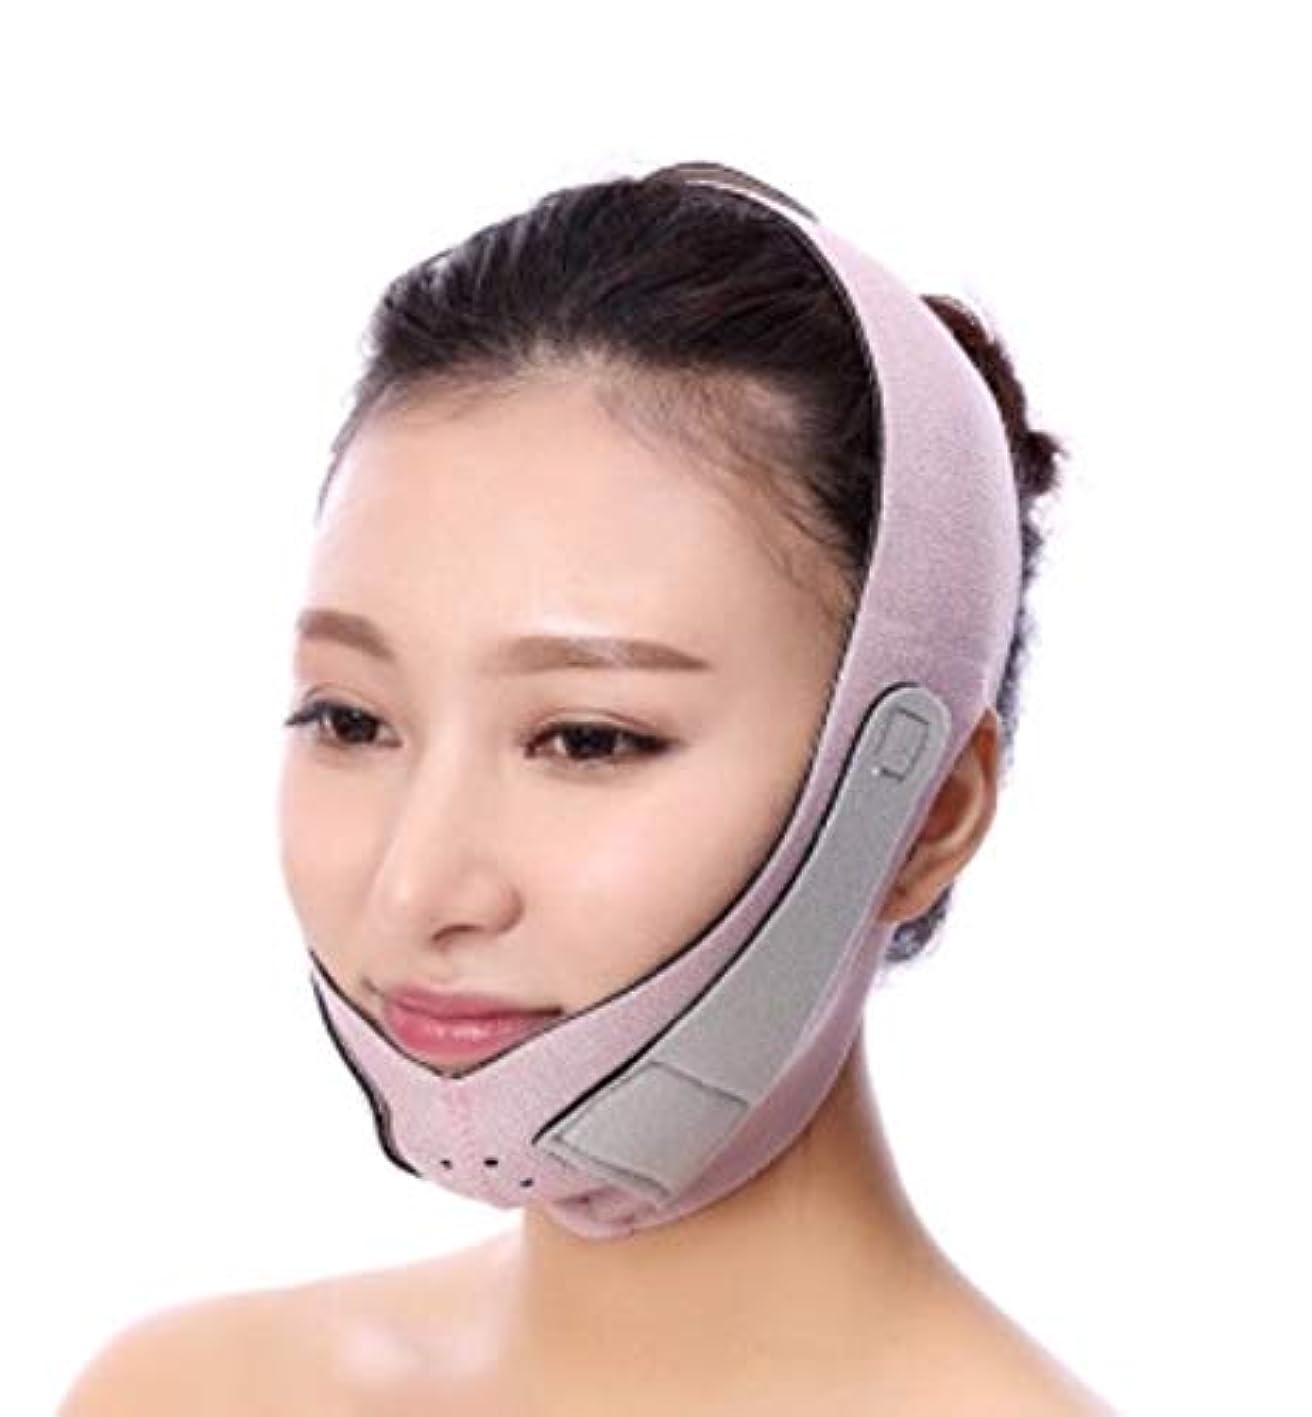 病気の長々とに関してTrust Contact リフトアップベルト 小顔マスク 矯正 小顔 リフトアップ フェイス 顔痩せ マスク